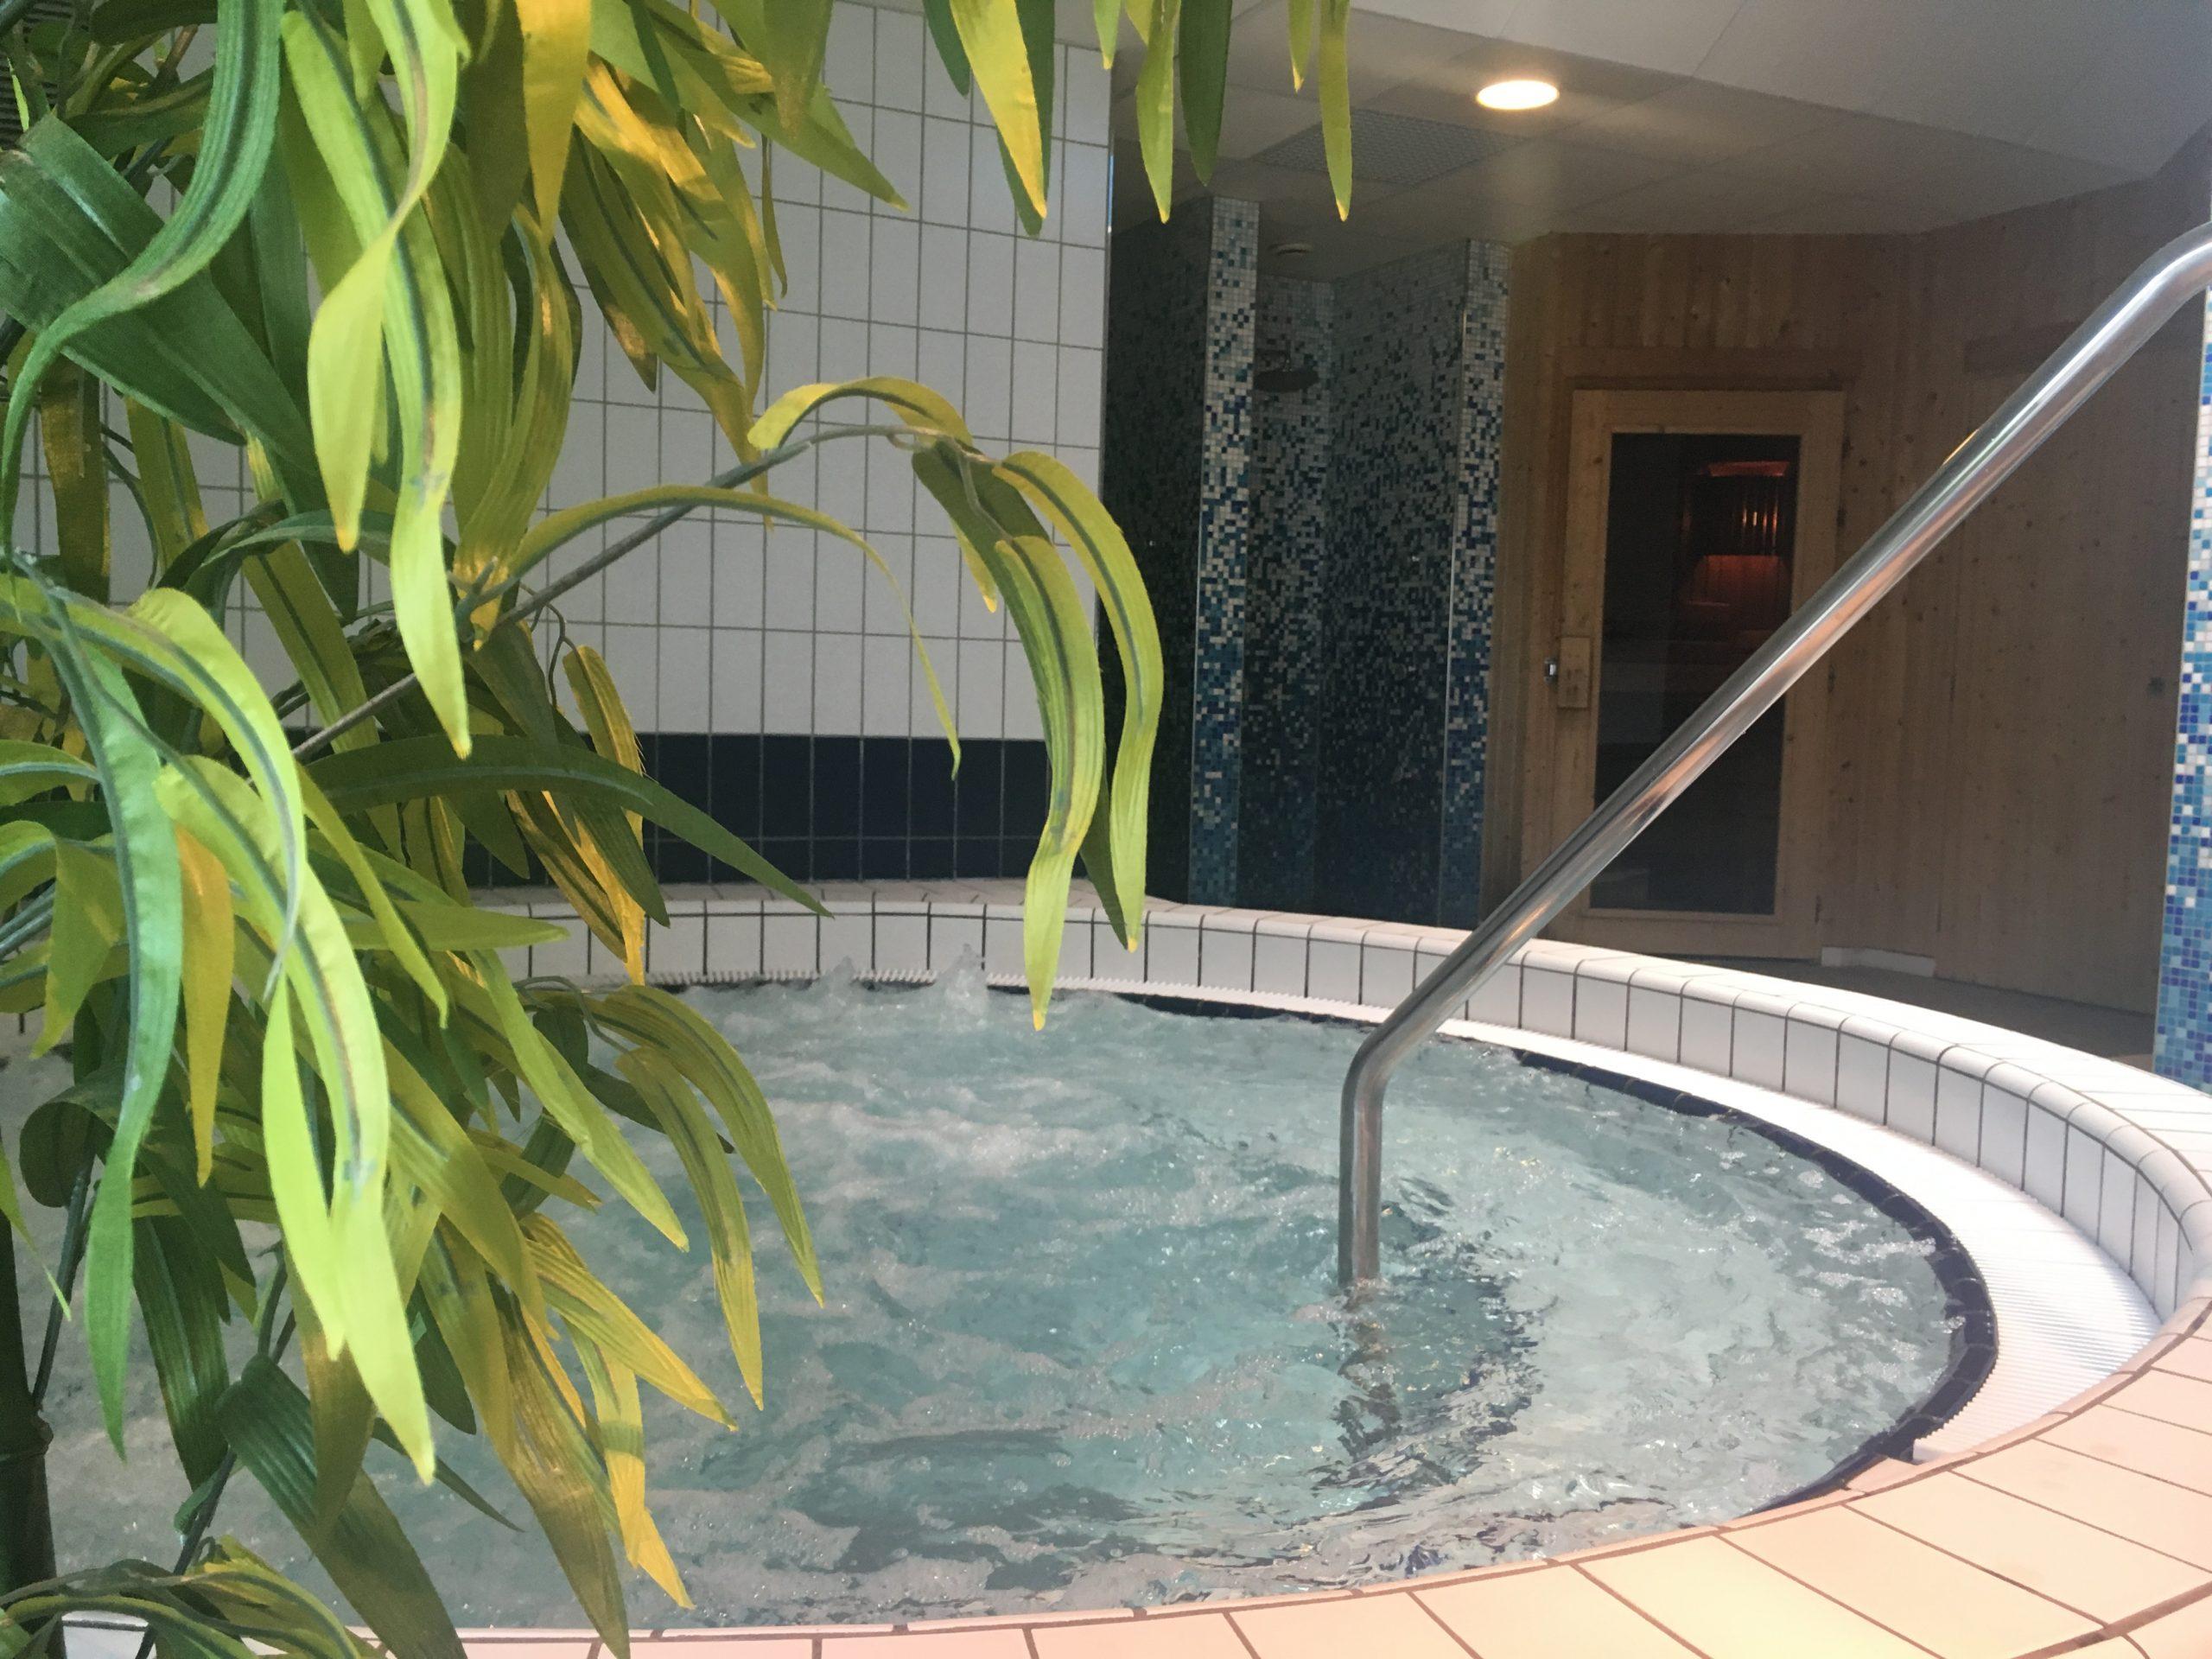 Espace Détente - Aquagolfe : Centre Aquatique Vannes Agglo encequiconcerne Piscine Surzur